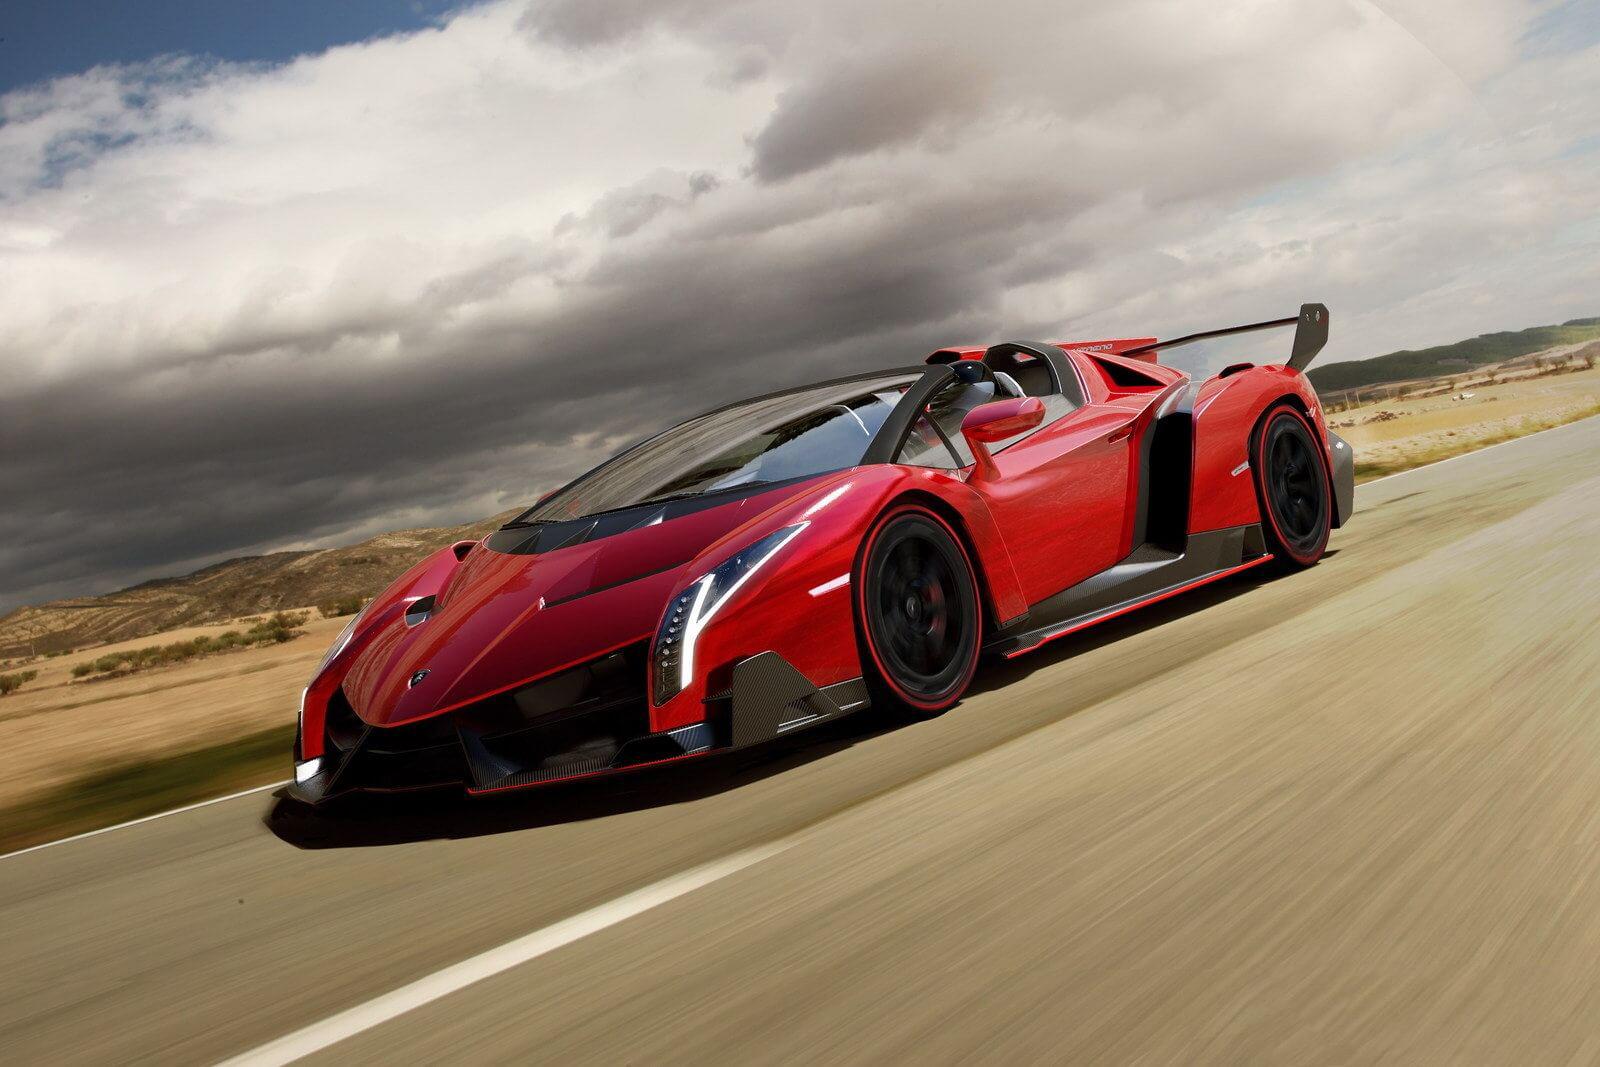 Ảnh siêu xe Lamborghini veneno đẹp